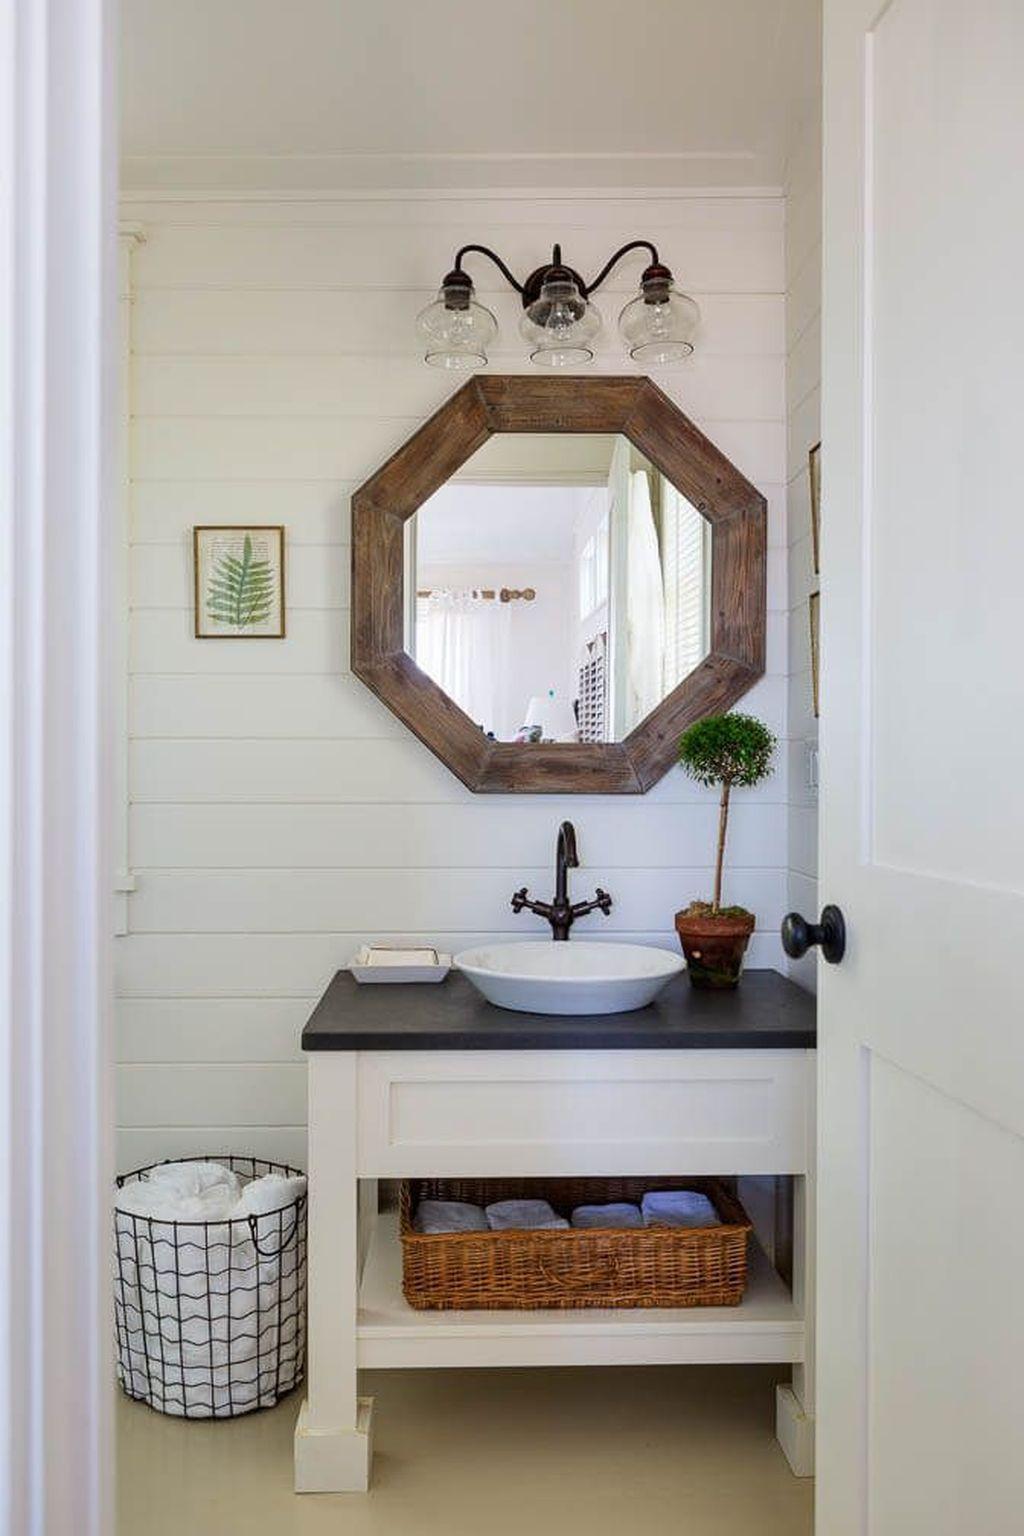 Creative Beach Theme Bathroom Decor Ideas You Will Love 03